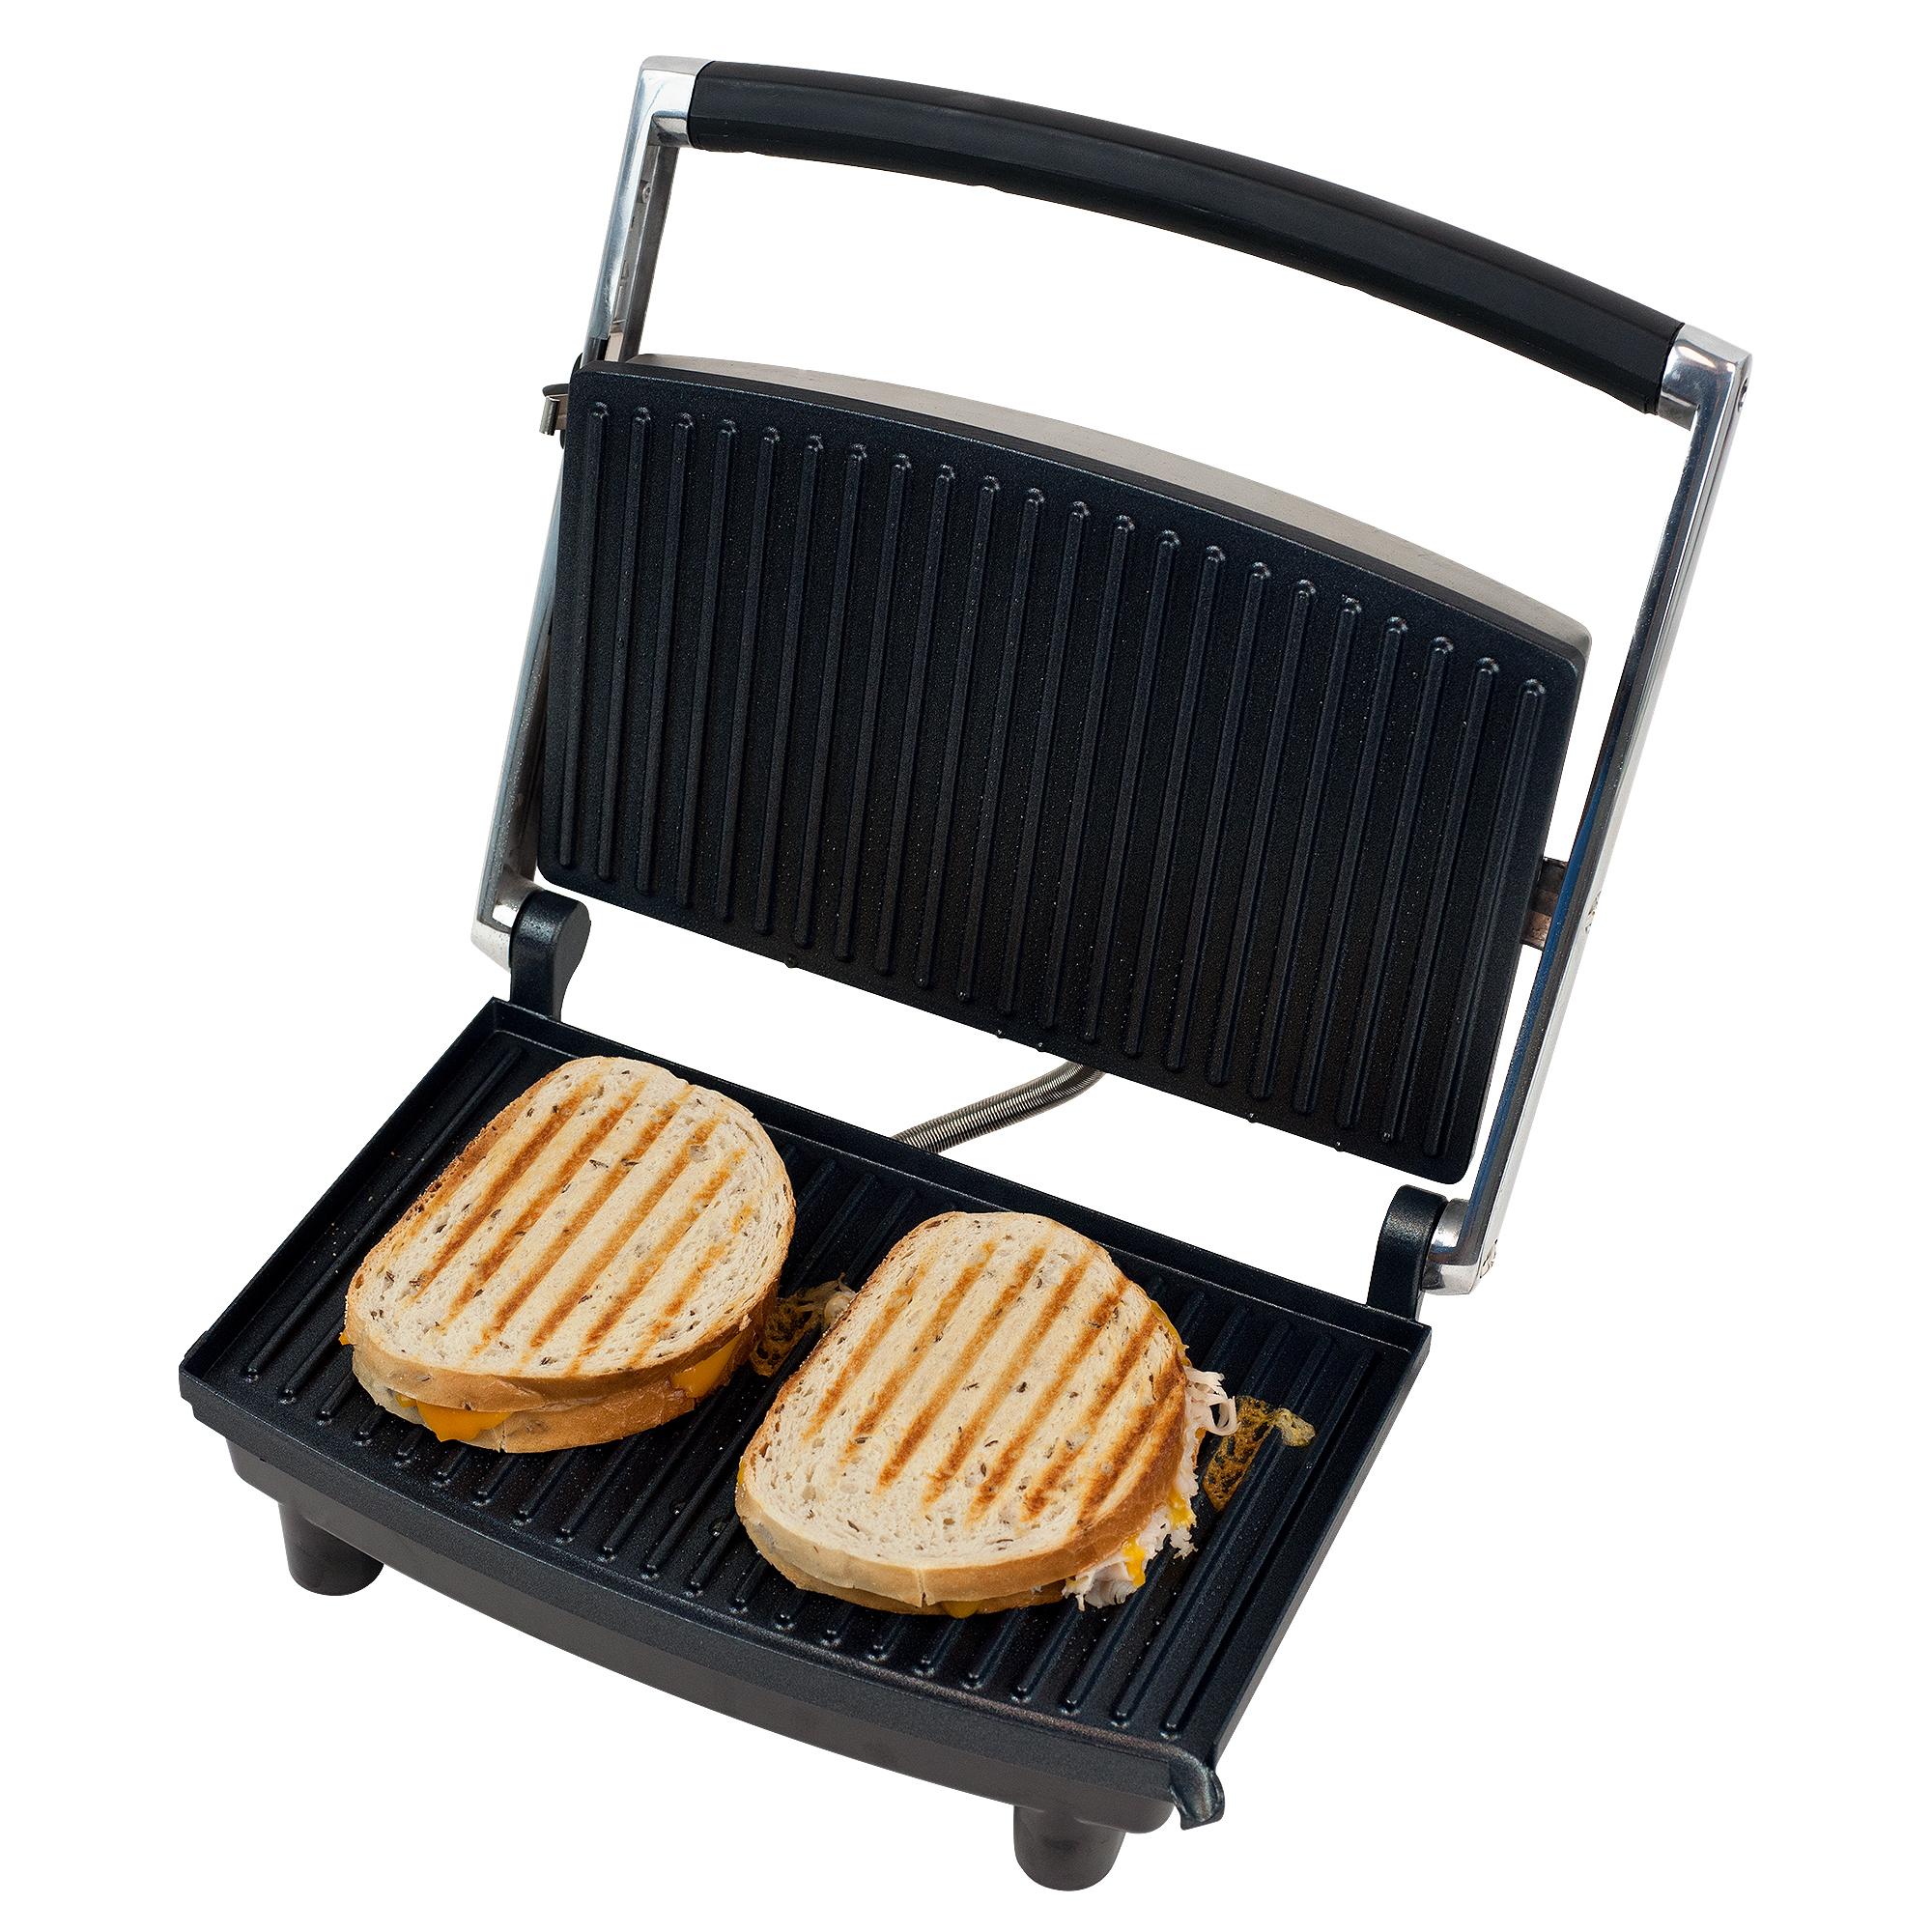 Grill and Panini Press - Non-Stick Sandwich Press Hot Ham and Cheese